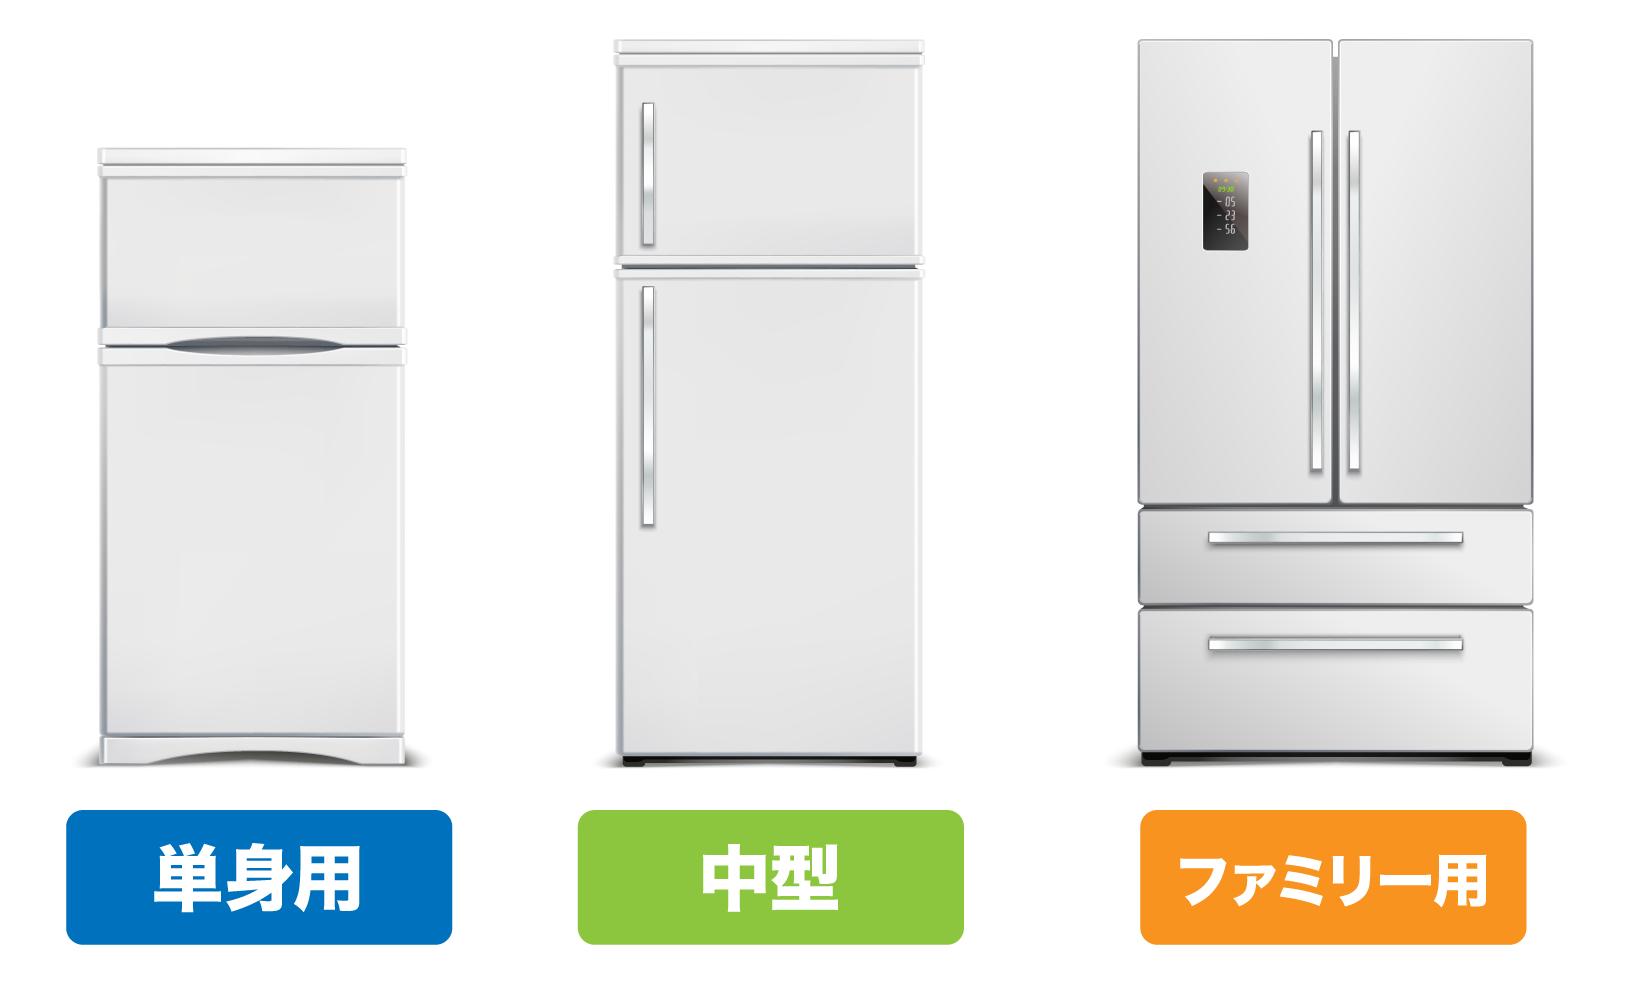 冷蔵庫の型(単身用、中型、ファミリー用)で価格も変わる